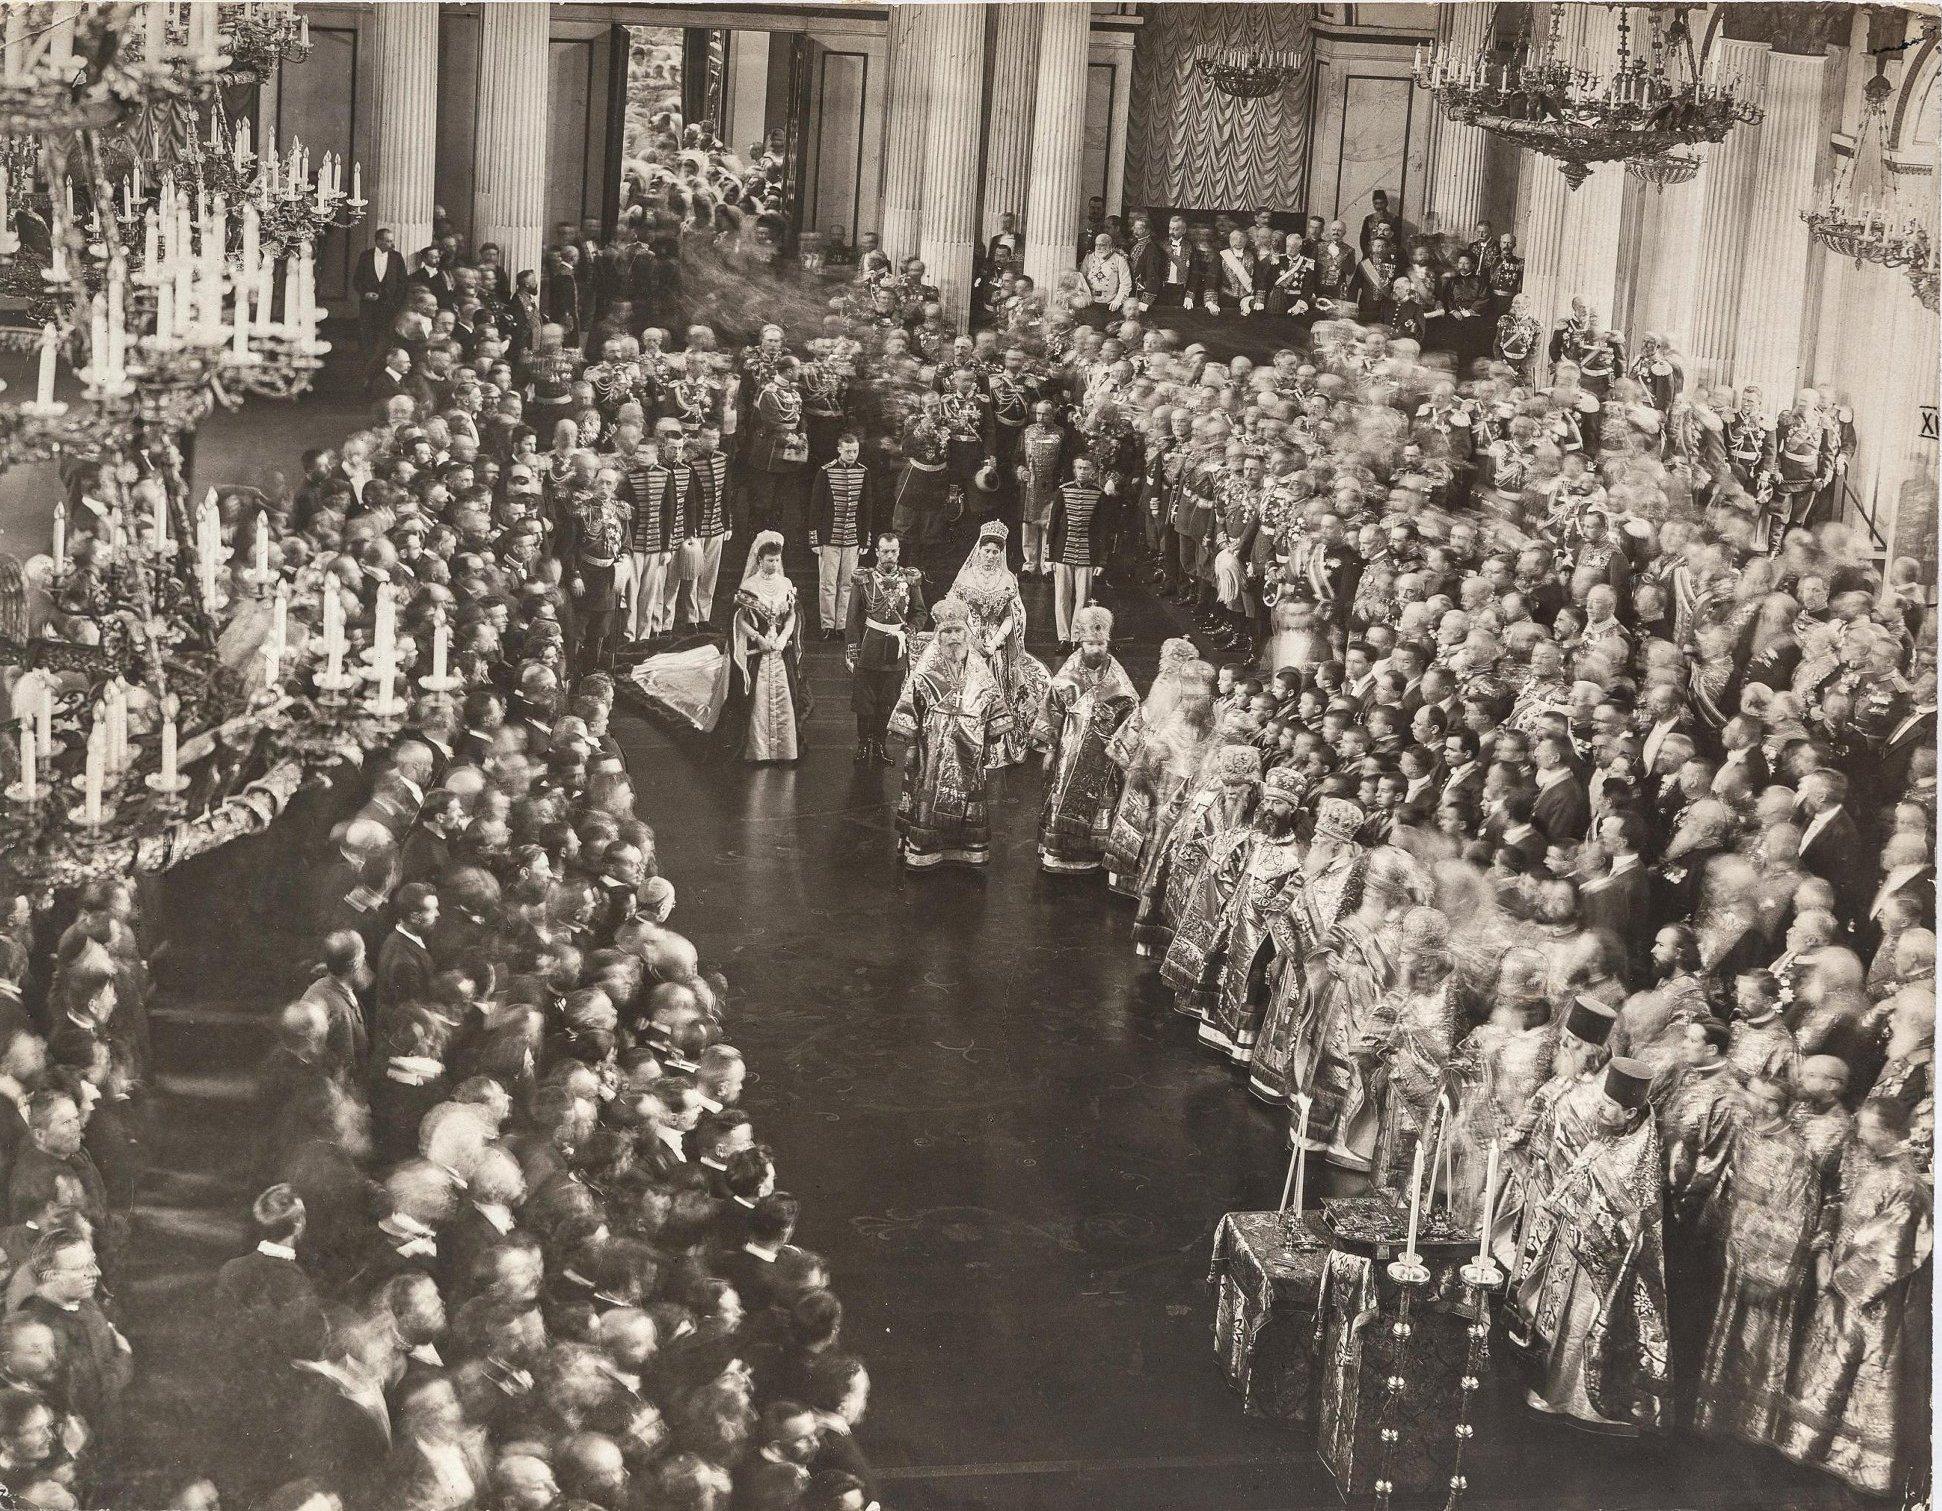 1906. Молебен в Георгиевском зале Зимнем дворце по случаю торжественного открытия Государственного Совета и Государственной Думы 27 апреля